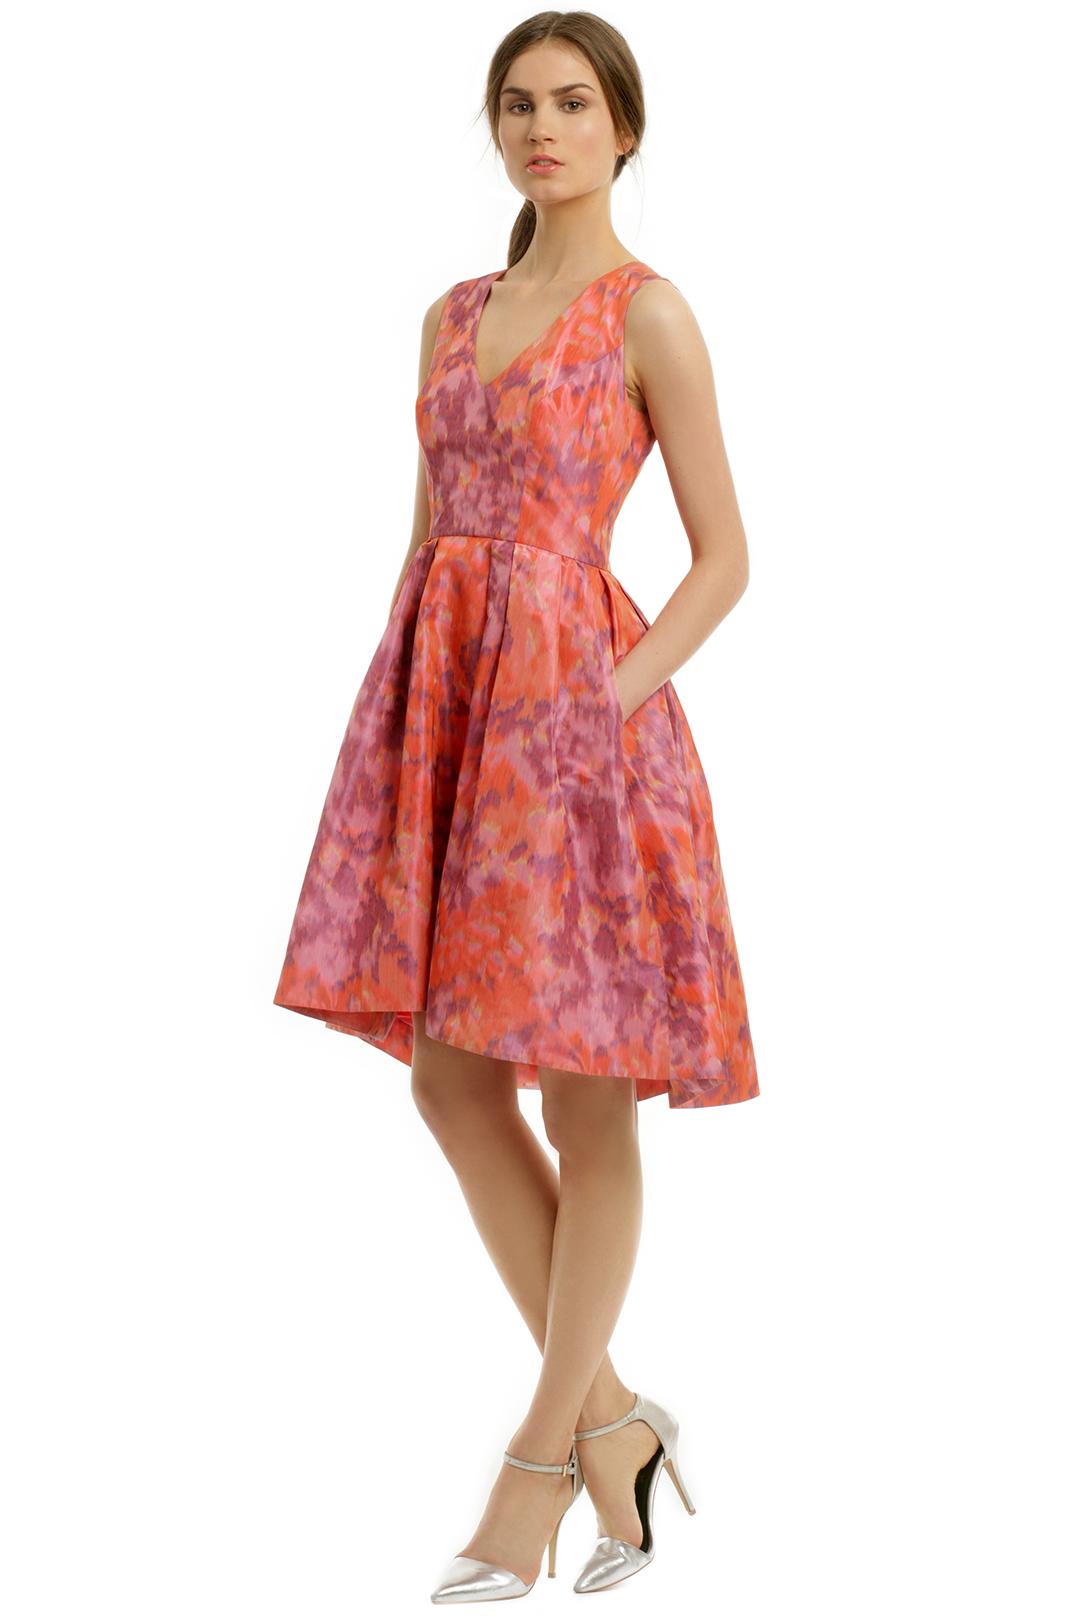 Monique Lhuillier Mona Dress